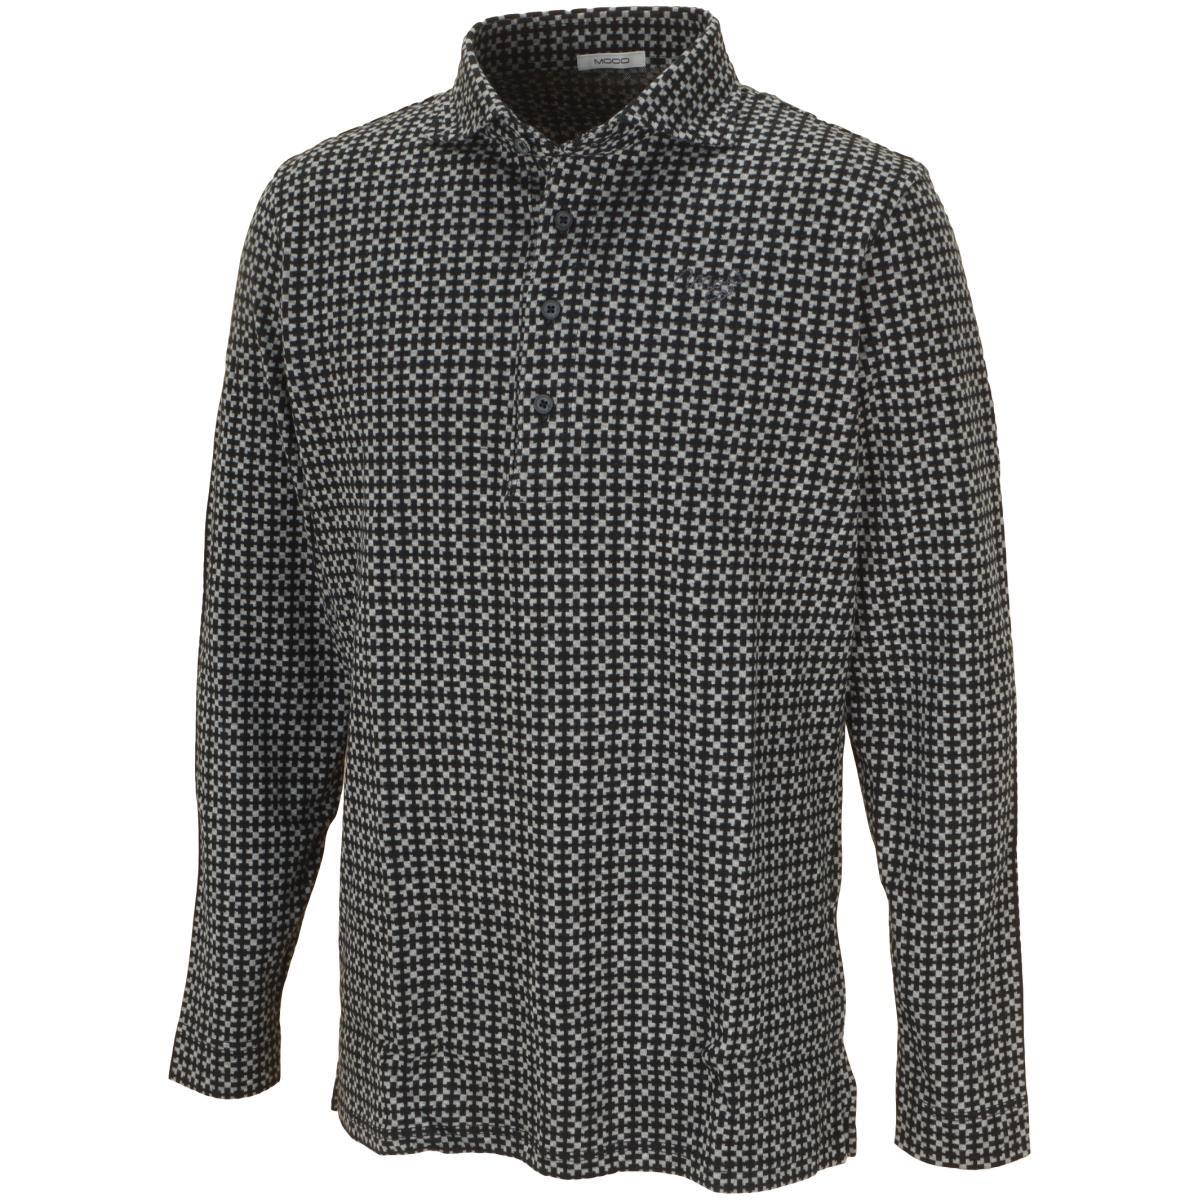 モコ MOCO ジオメタリック ジャカード長袖シャツ 48 ブラック